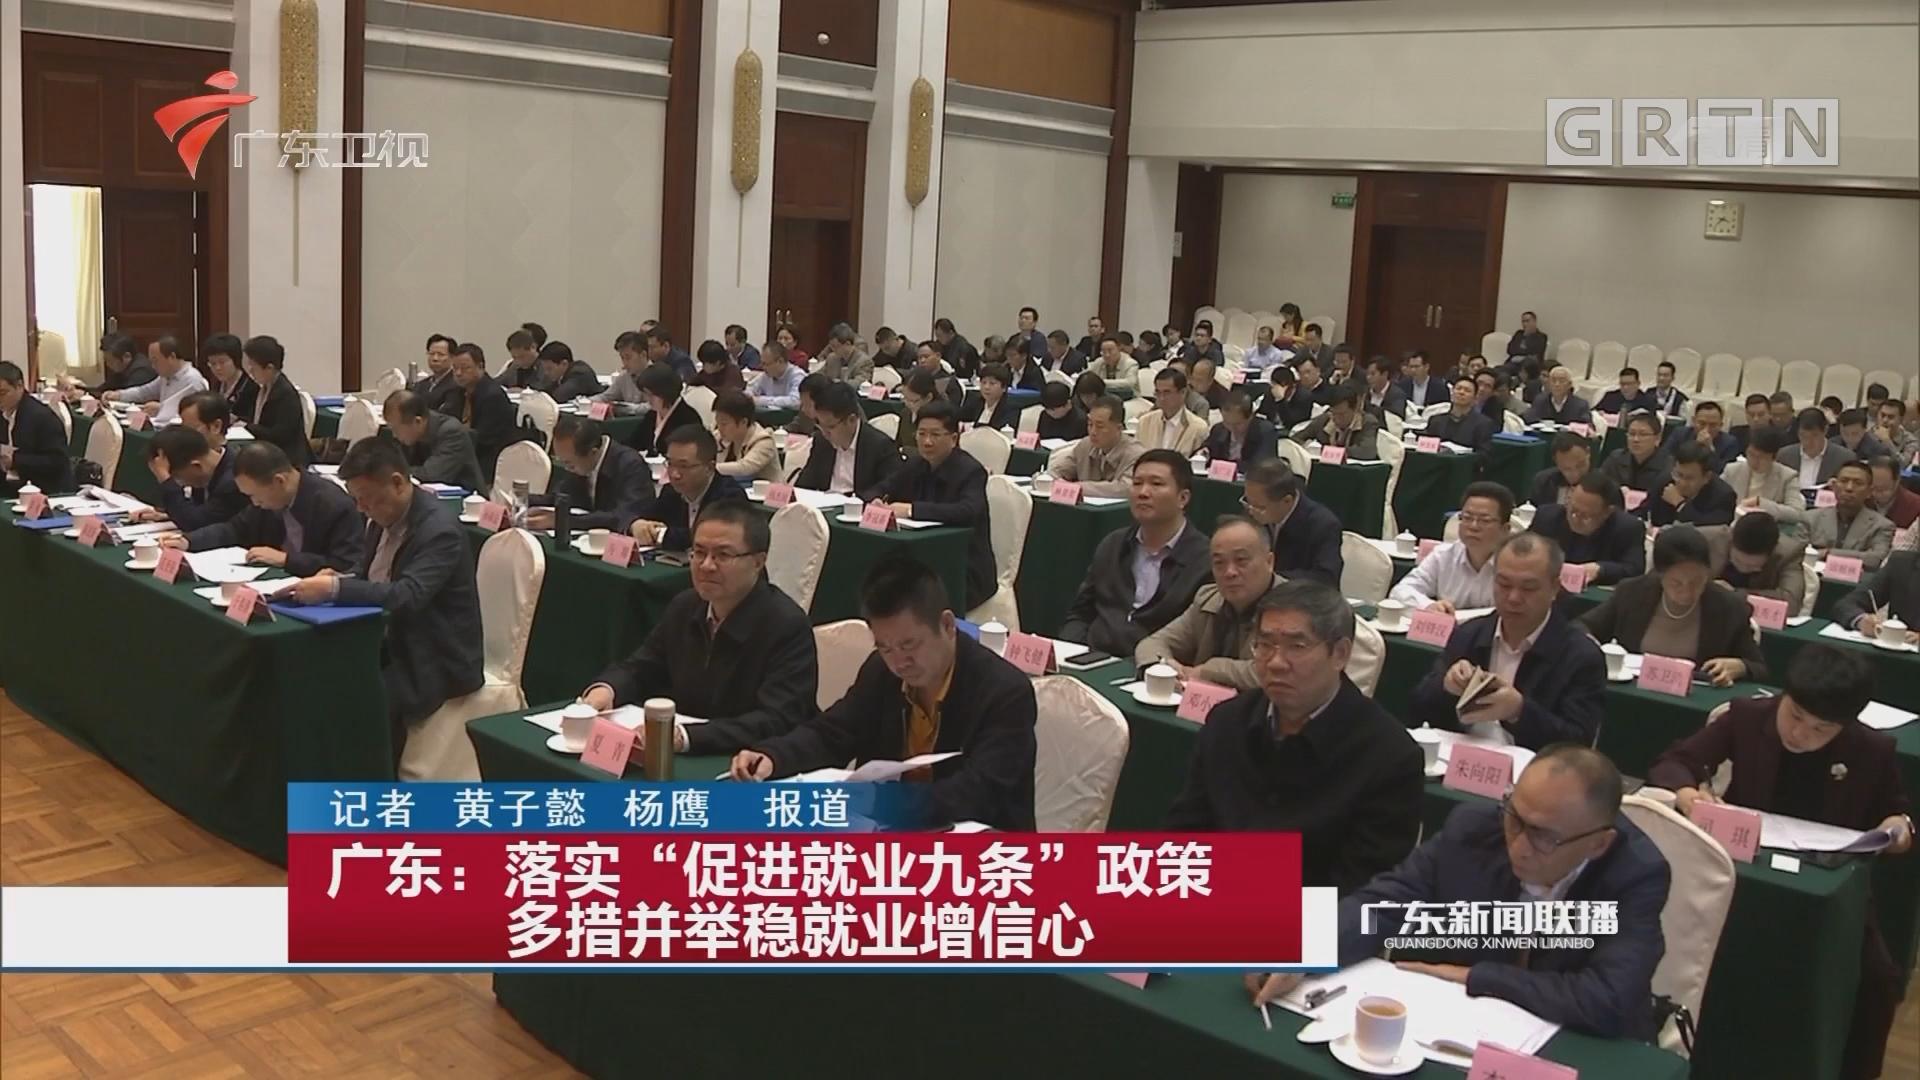 """广东:落实""""促进就业九条""""政策 多措并举稳就业增信心"""